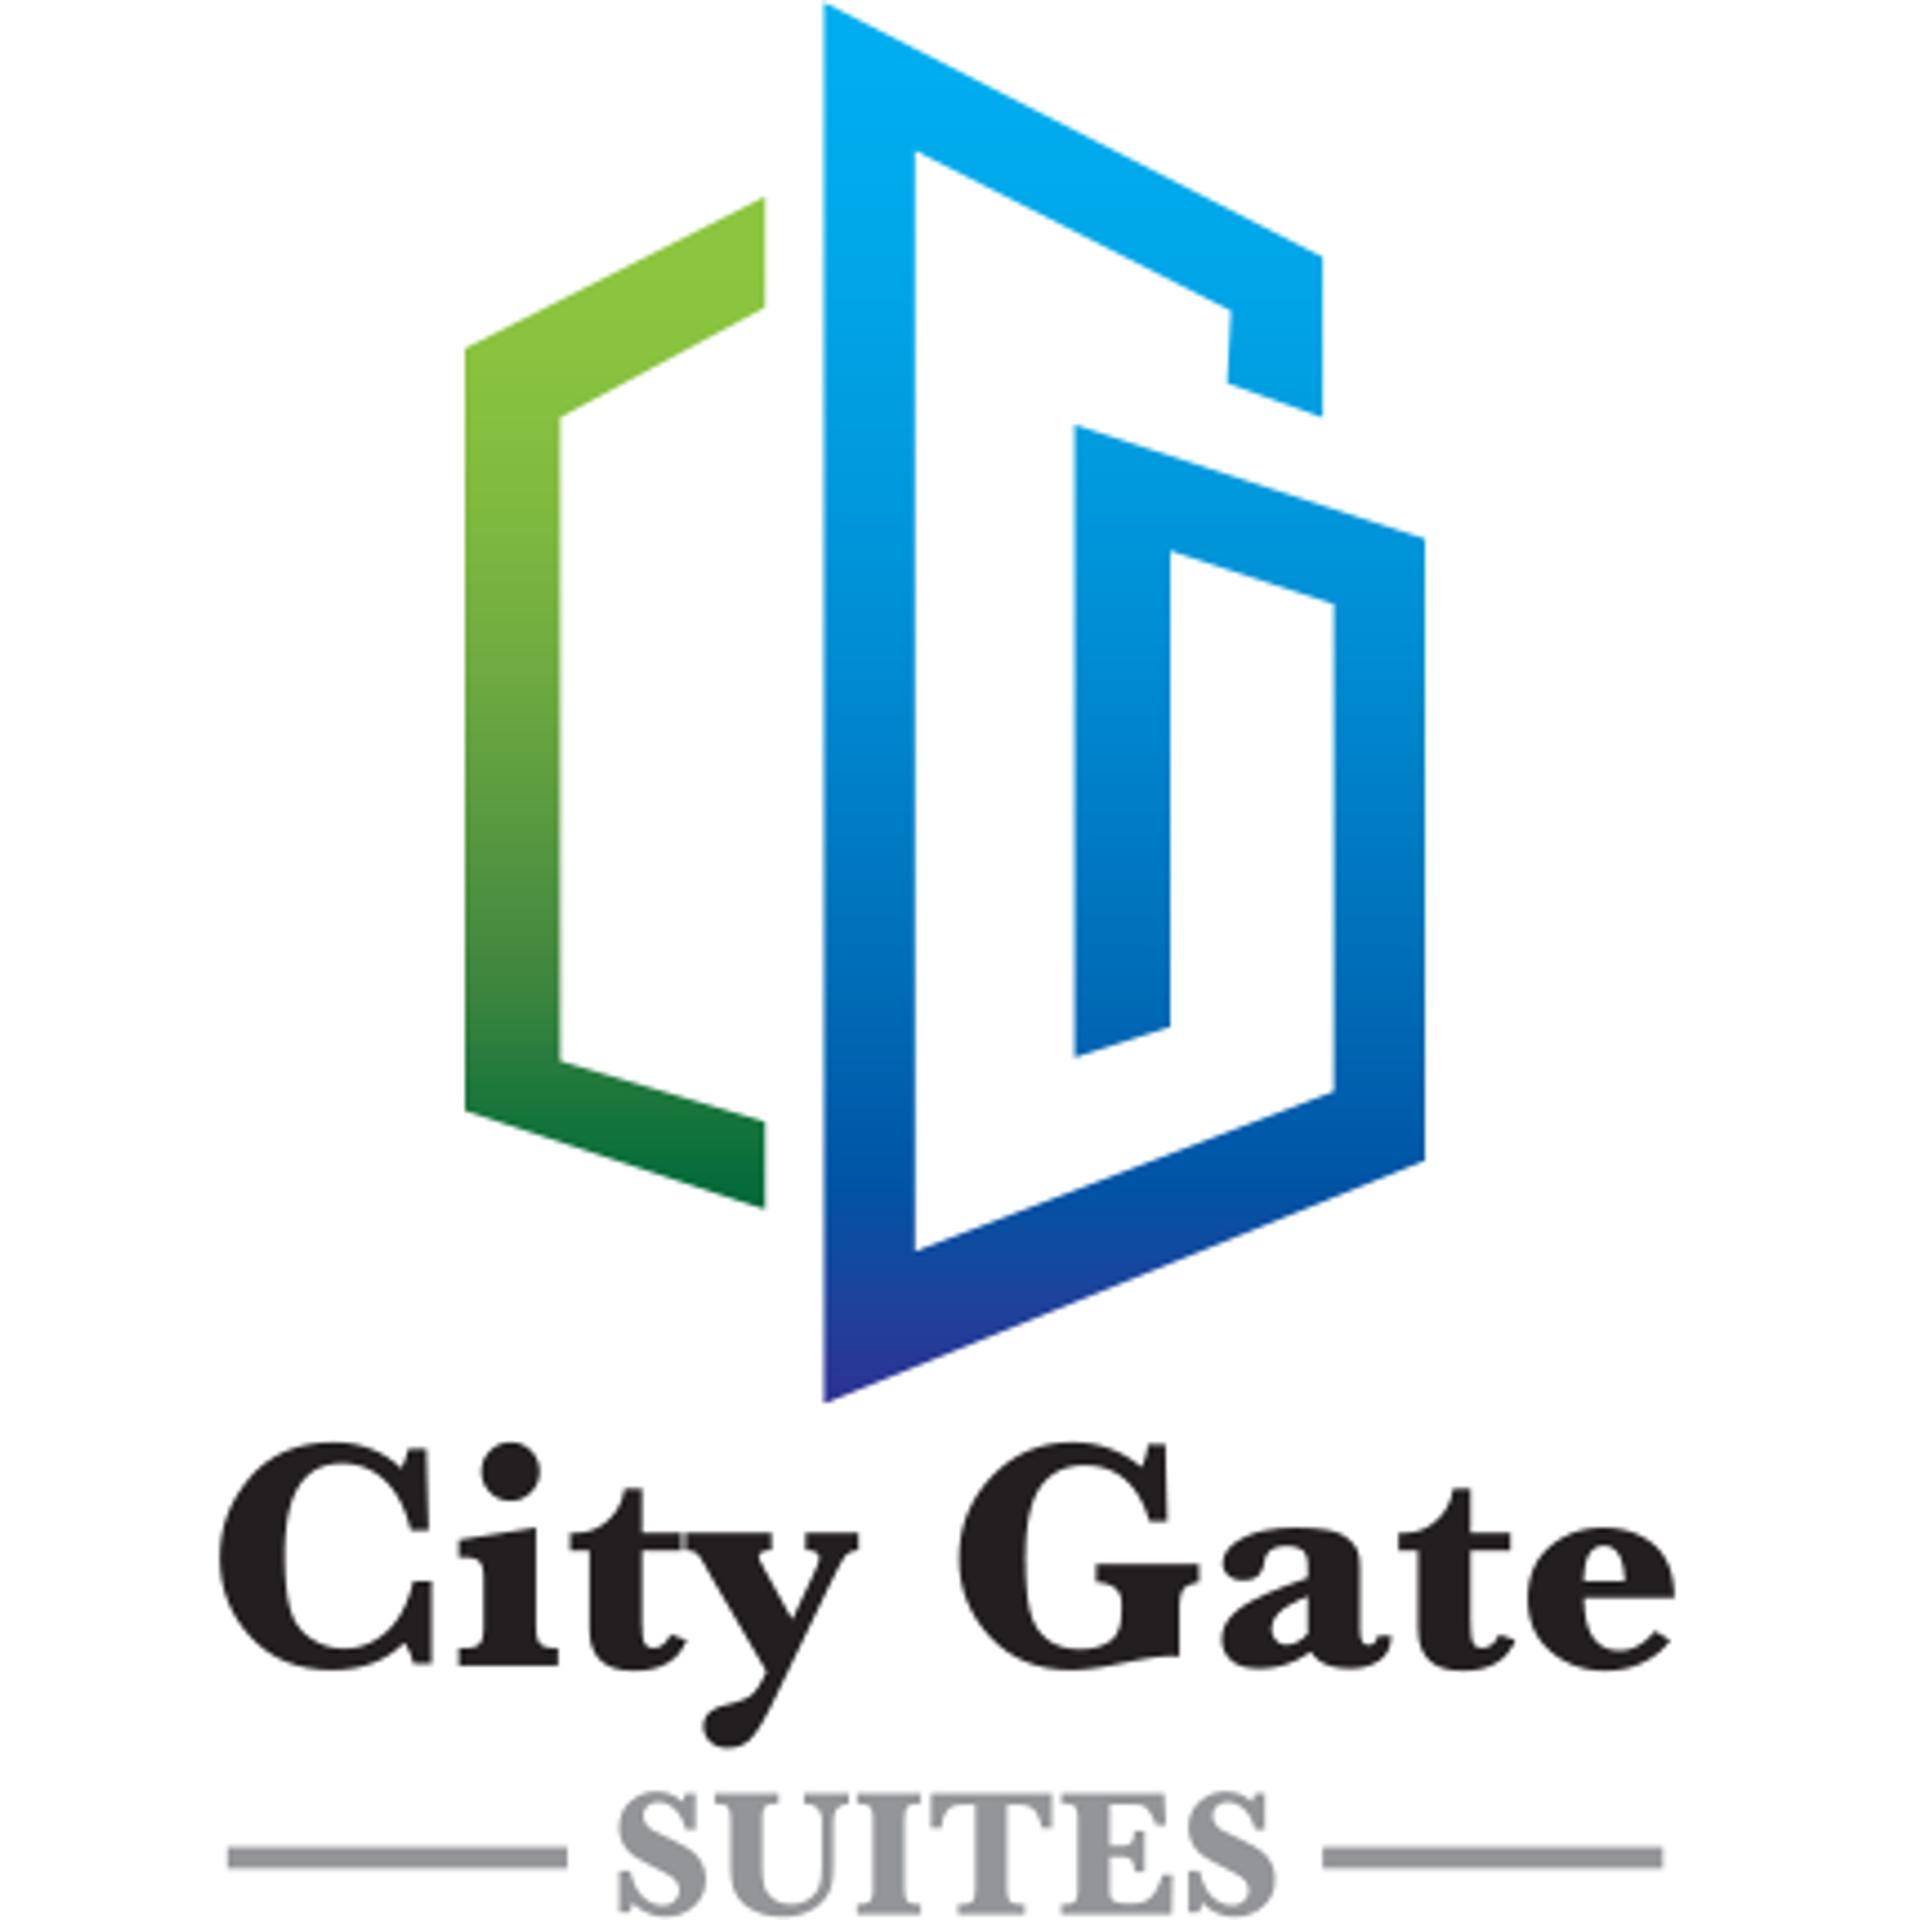 City Gate Suites